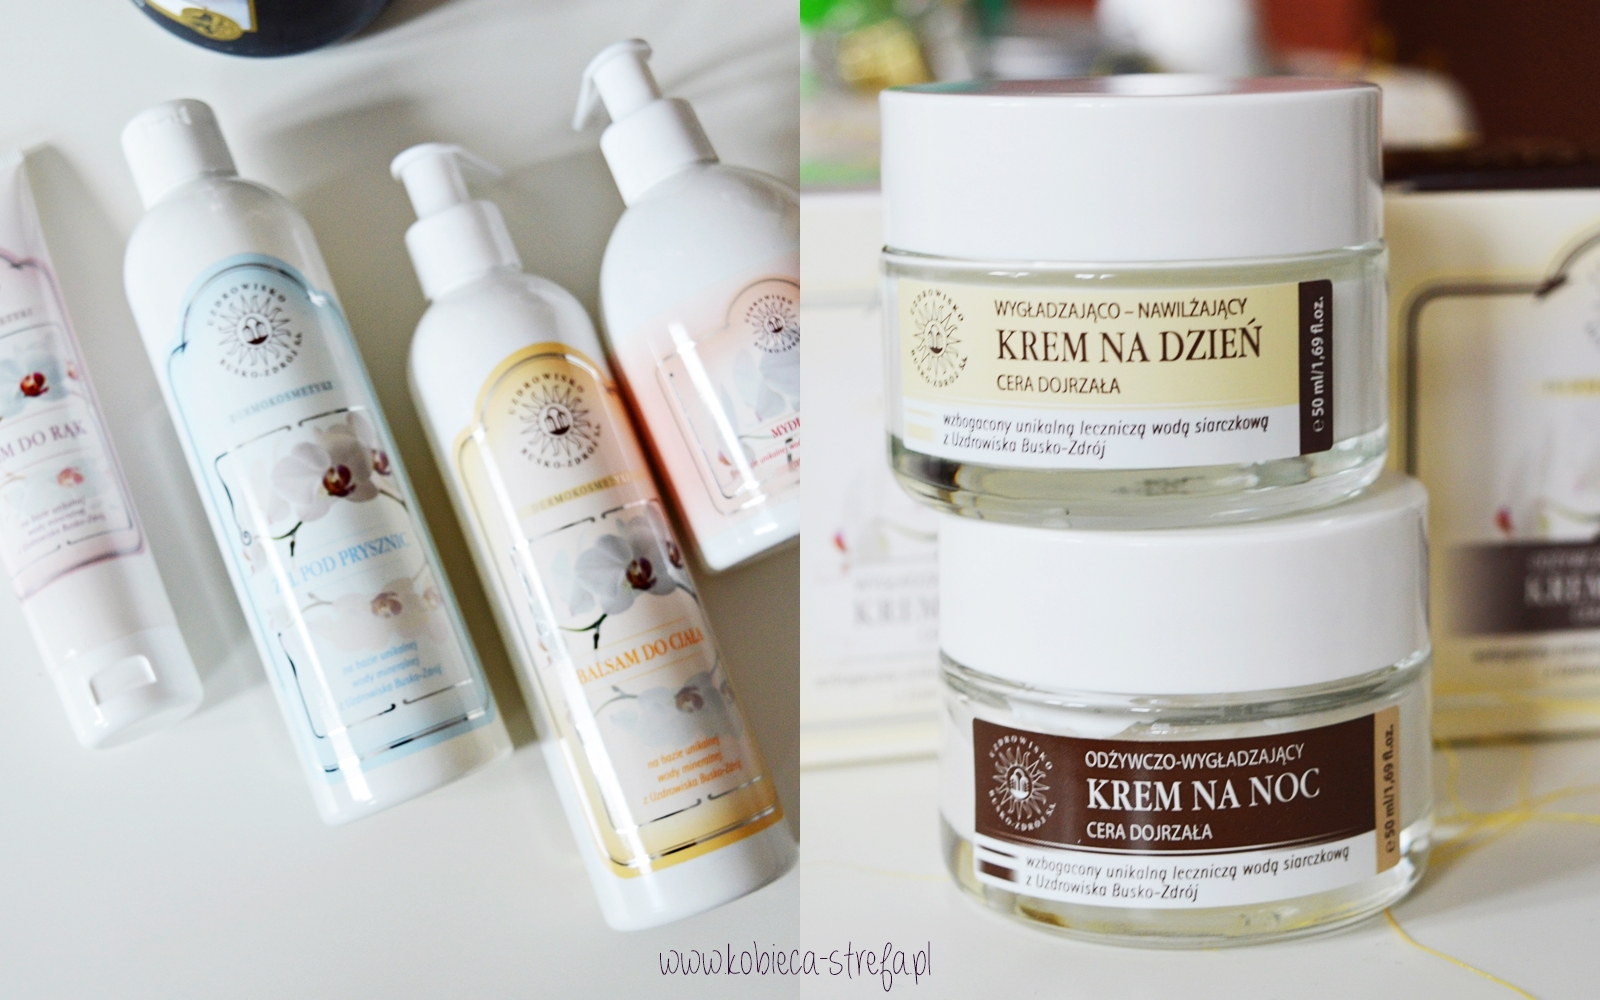 Słoneczne kosmetyki z Uzdrowiska Busko Zdrój